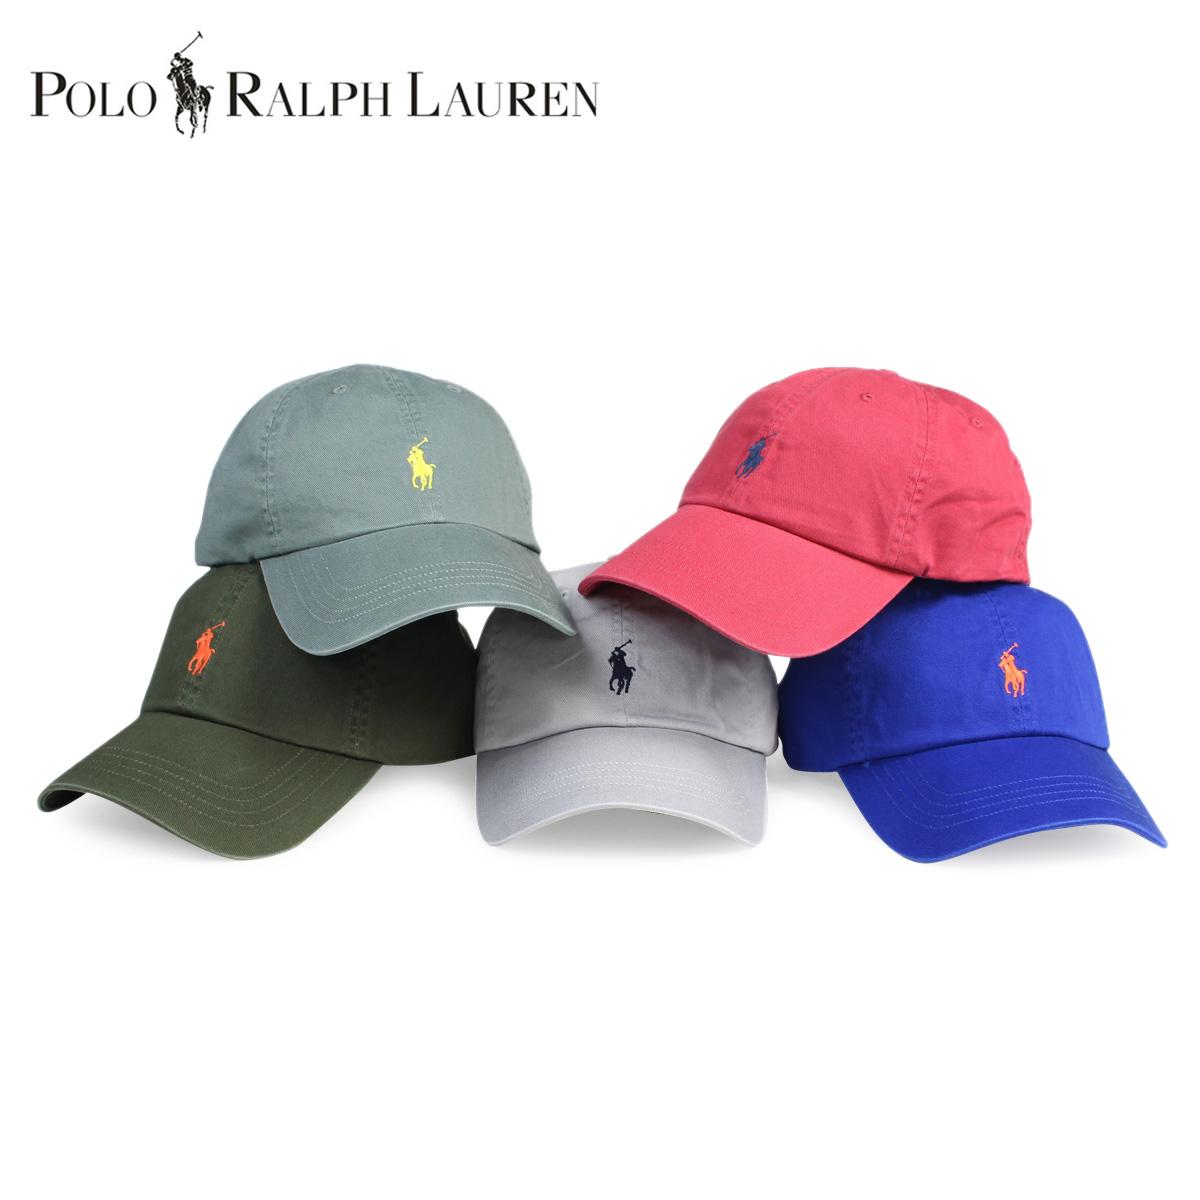 ALLSPORTS  RALPH LAUREN cap hat men gap Dis snapback cap POLO Ralph Lauren  polo 5 color  7 26 Shinnyu load   177   5a9a615d2ac2